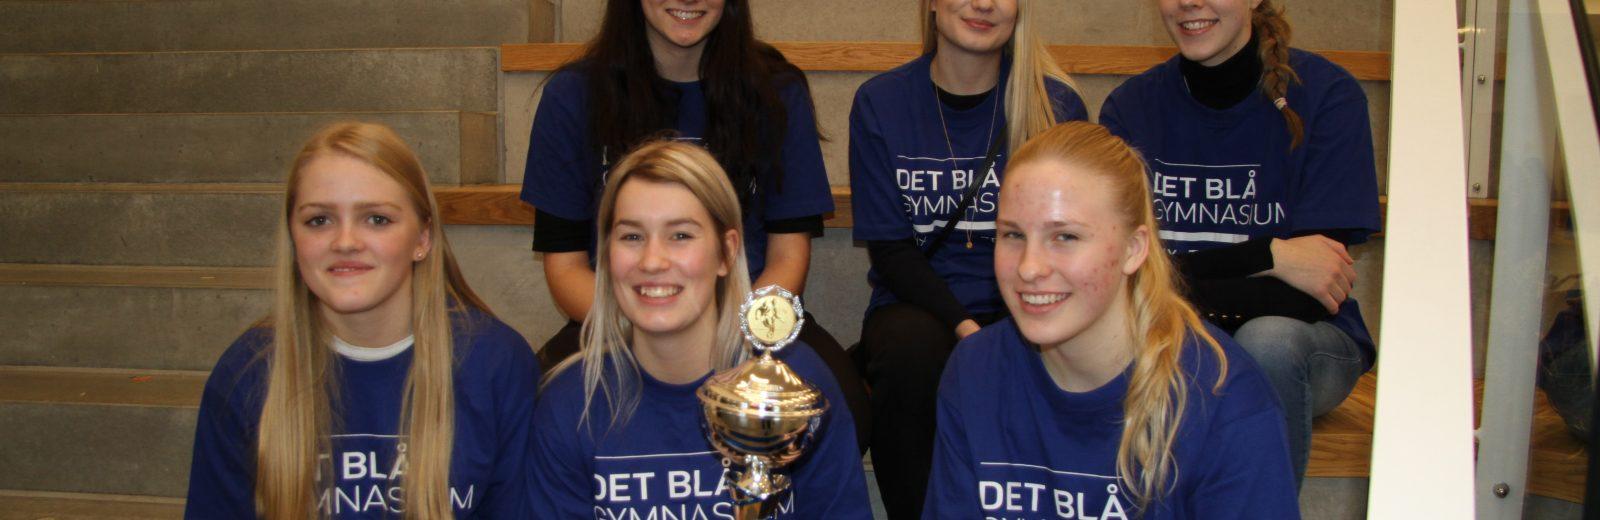 Tønder Sportscollege